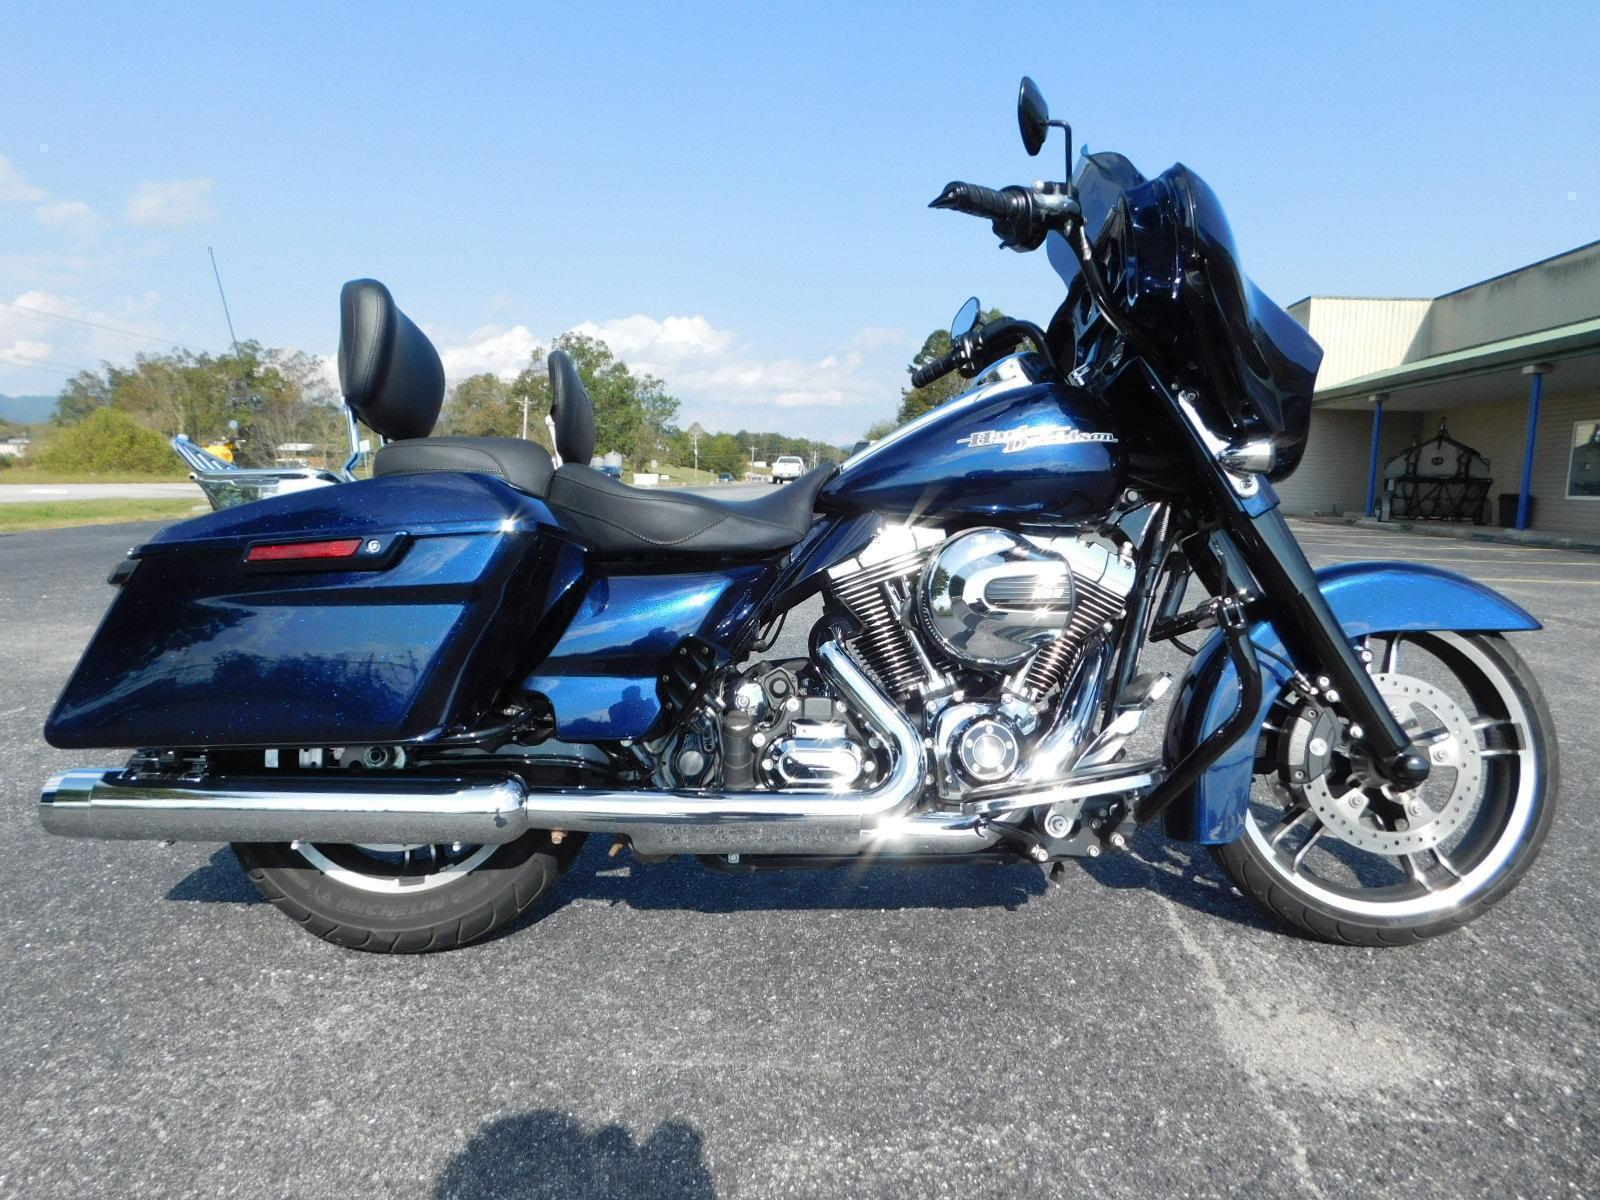 2014 Harley Davidson FLHXS Street Glide Special Color Option for